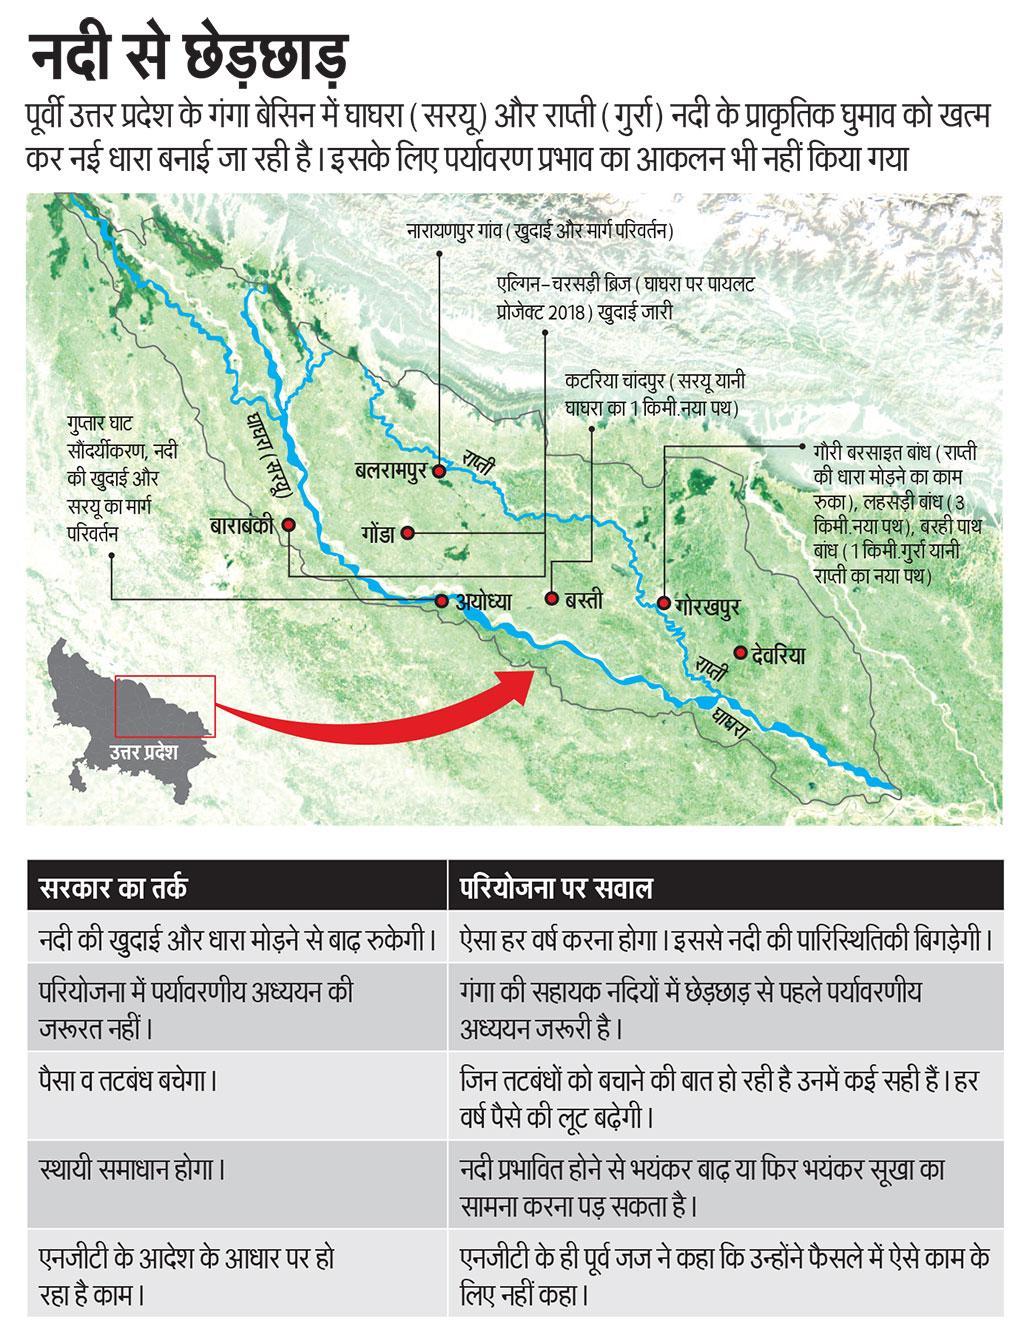 पूर्वी उत्तर प्रदेश के गंगा बेसिन में घाघरा (सरयू) और राप्ती (गुर्रा) नदी के प्राकृतिक घुमाव को खत्म कर नई धारा बनाई जा रही है। इसके लिए पर्यावरण प्रभाव का आकलन भी नहीं किया गया